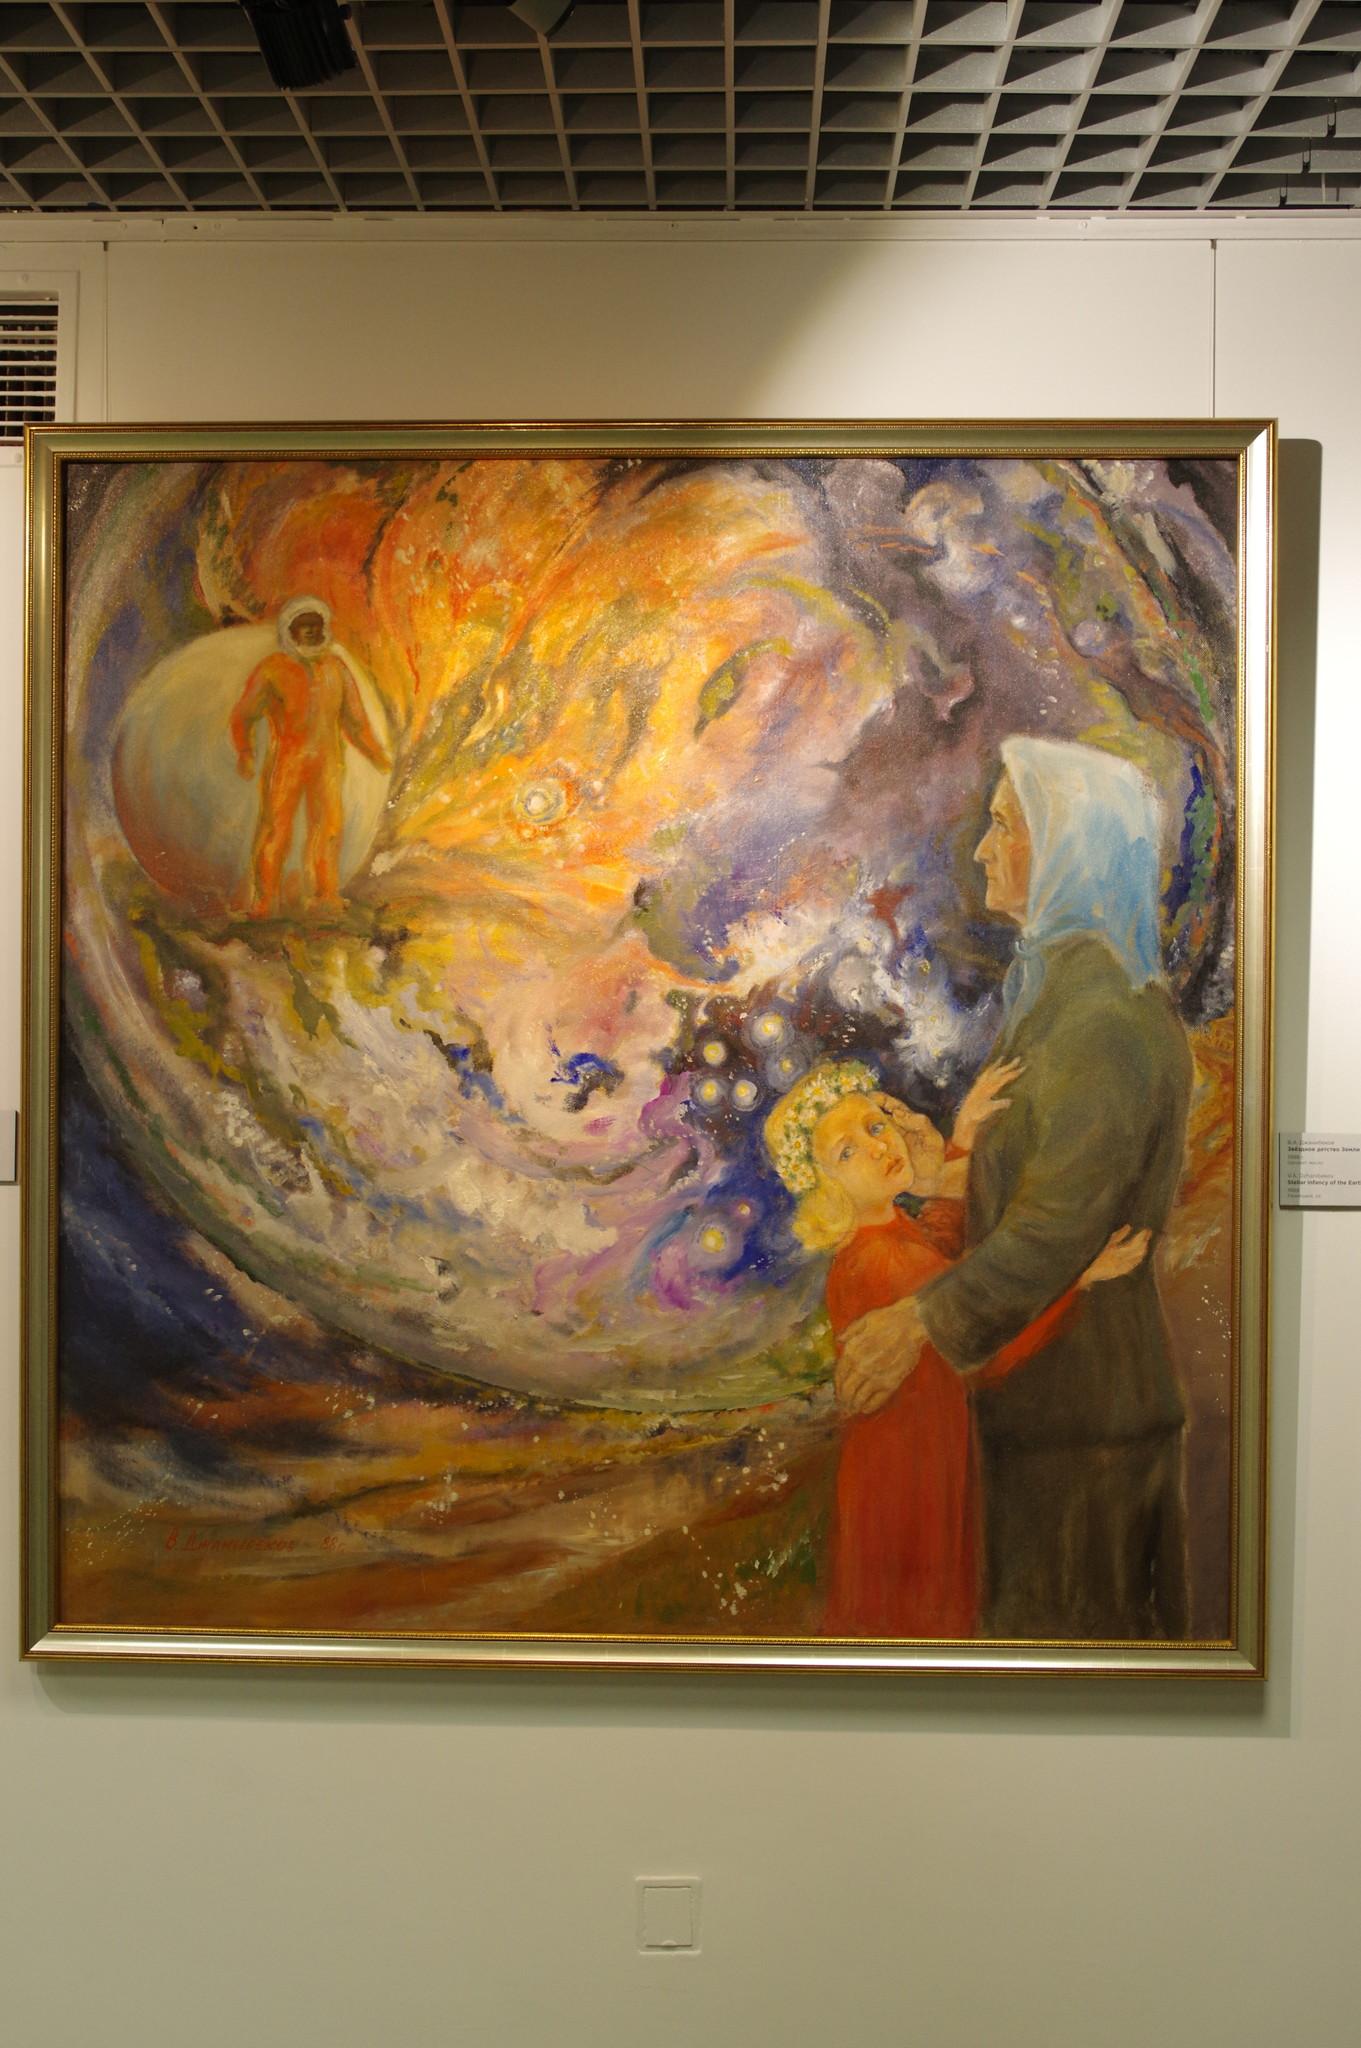 «Звёздное детство Земли». 1988 г. В.А. Джанибеков. Оргалит, масло. Мемориальный музей космонавтики (Проспект мира, дом 111)